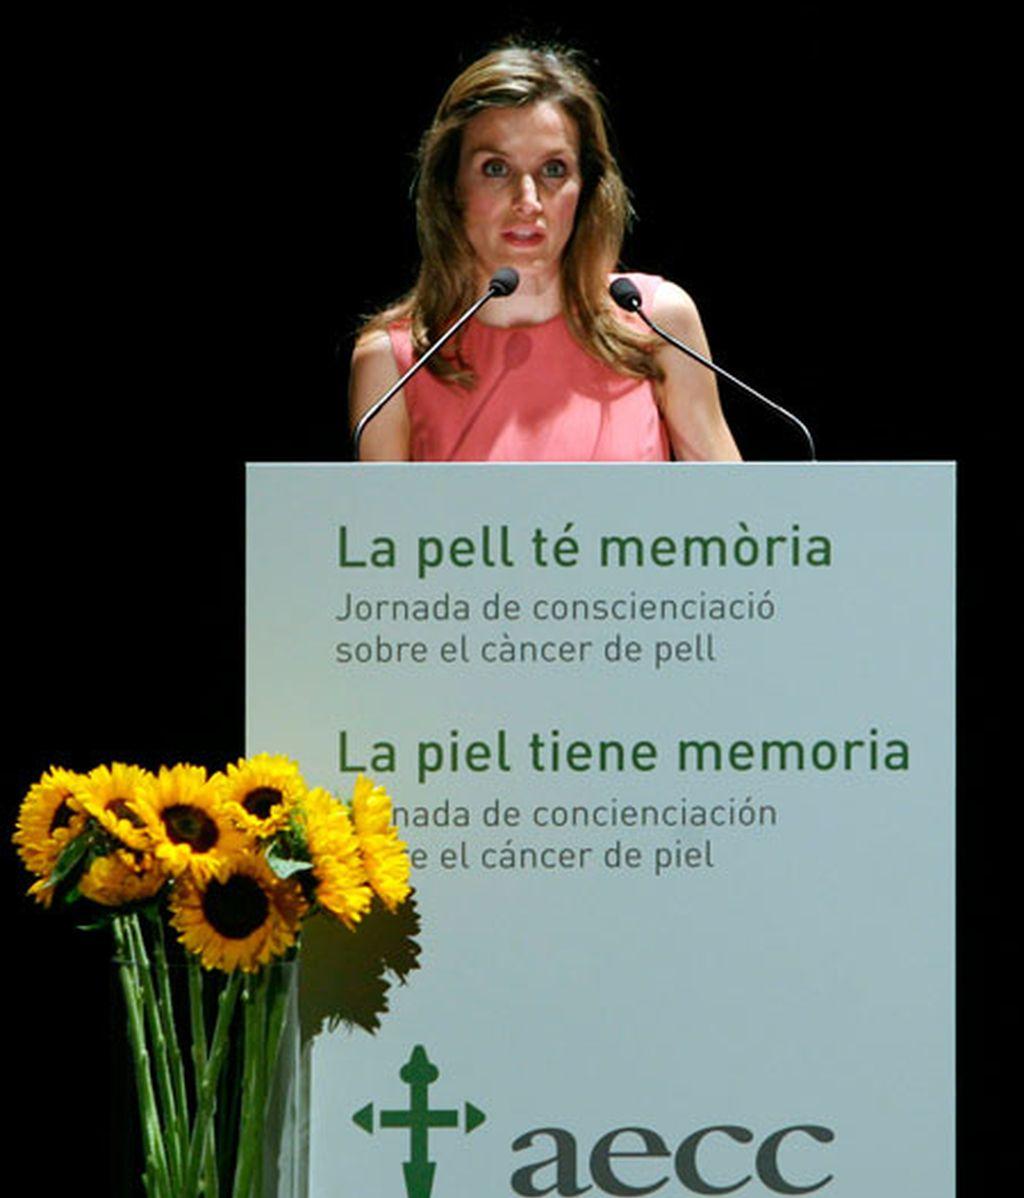 """La princesa de Asturias y Girona Doña Letizia durante la inauguración de la jornada """"La piel tiene memoria"""", organizada por la Asociación Española contra el Cáncer. Foto: EFE."""